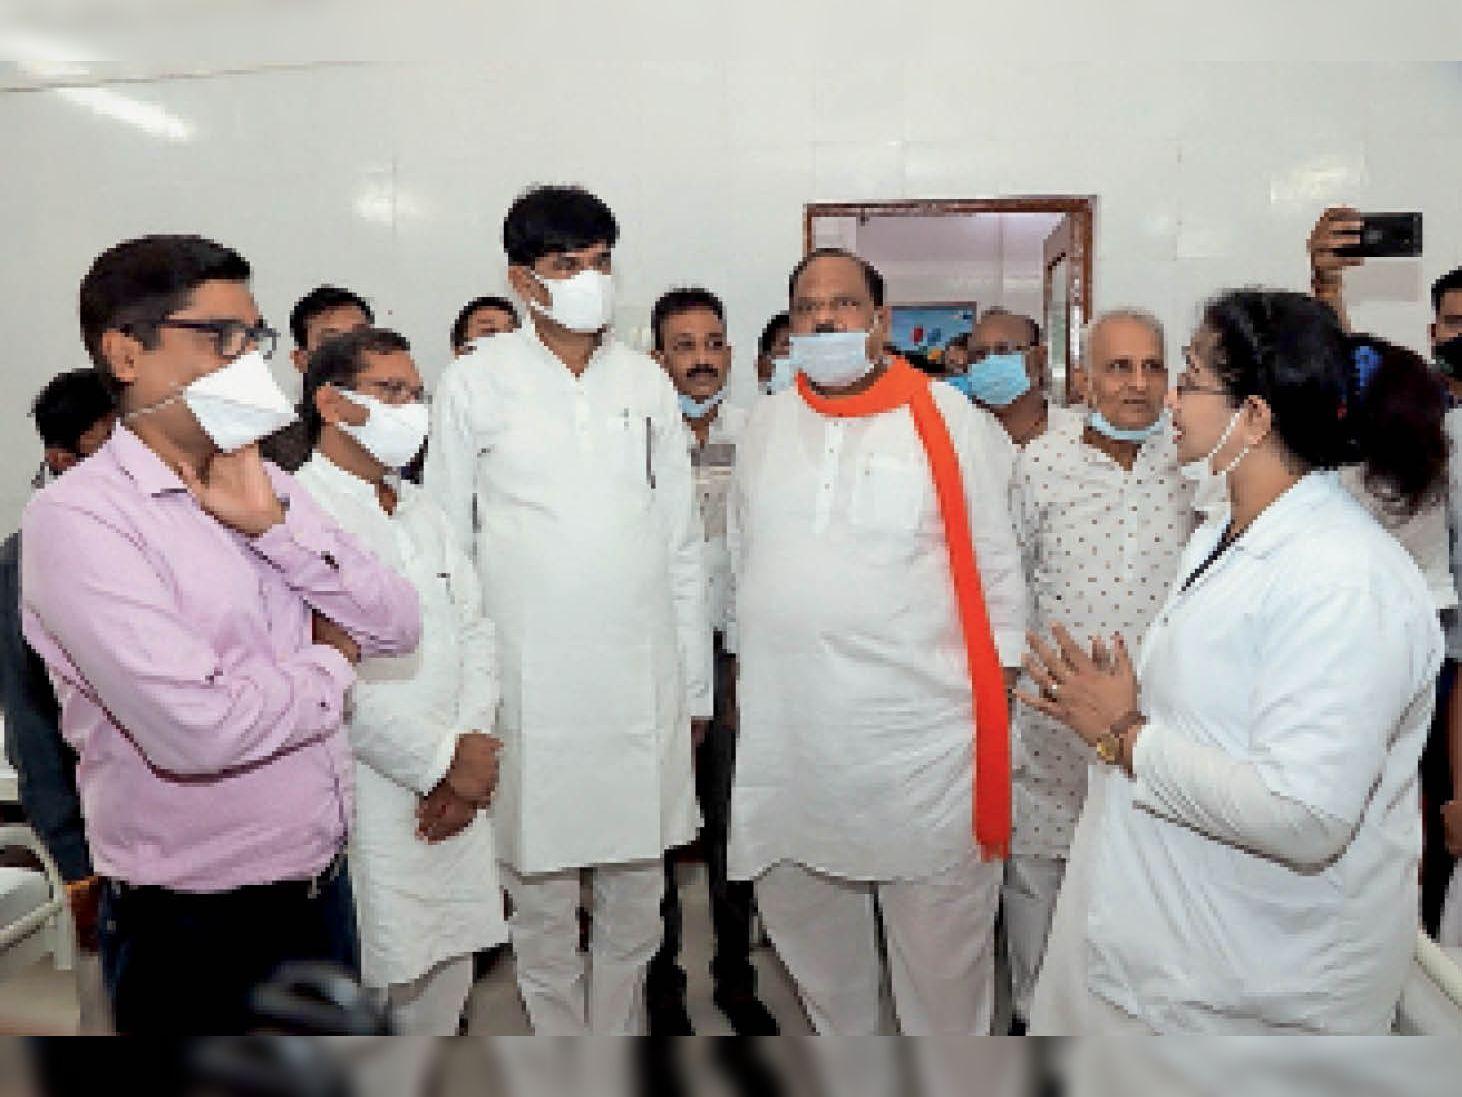 बाल चिकित्सालय के नए भवन के शुभारंभ अवसर पर व्यवस्थाओं के बारे में जानते प्रभारी मंत्री भदौरिया। - Dainik Bhaskar